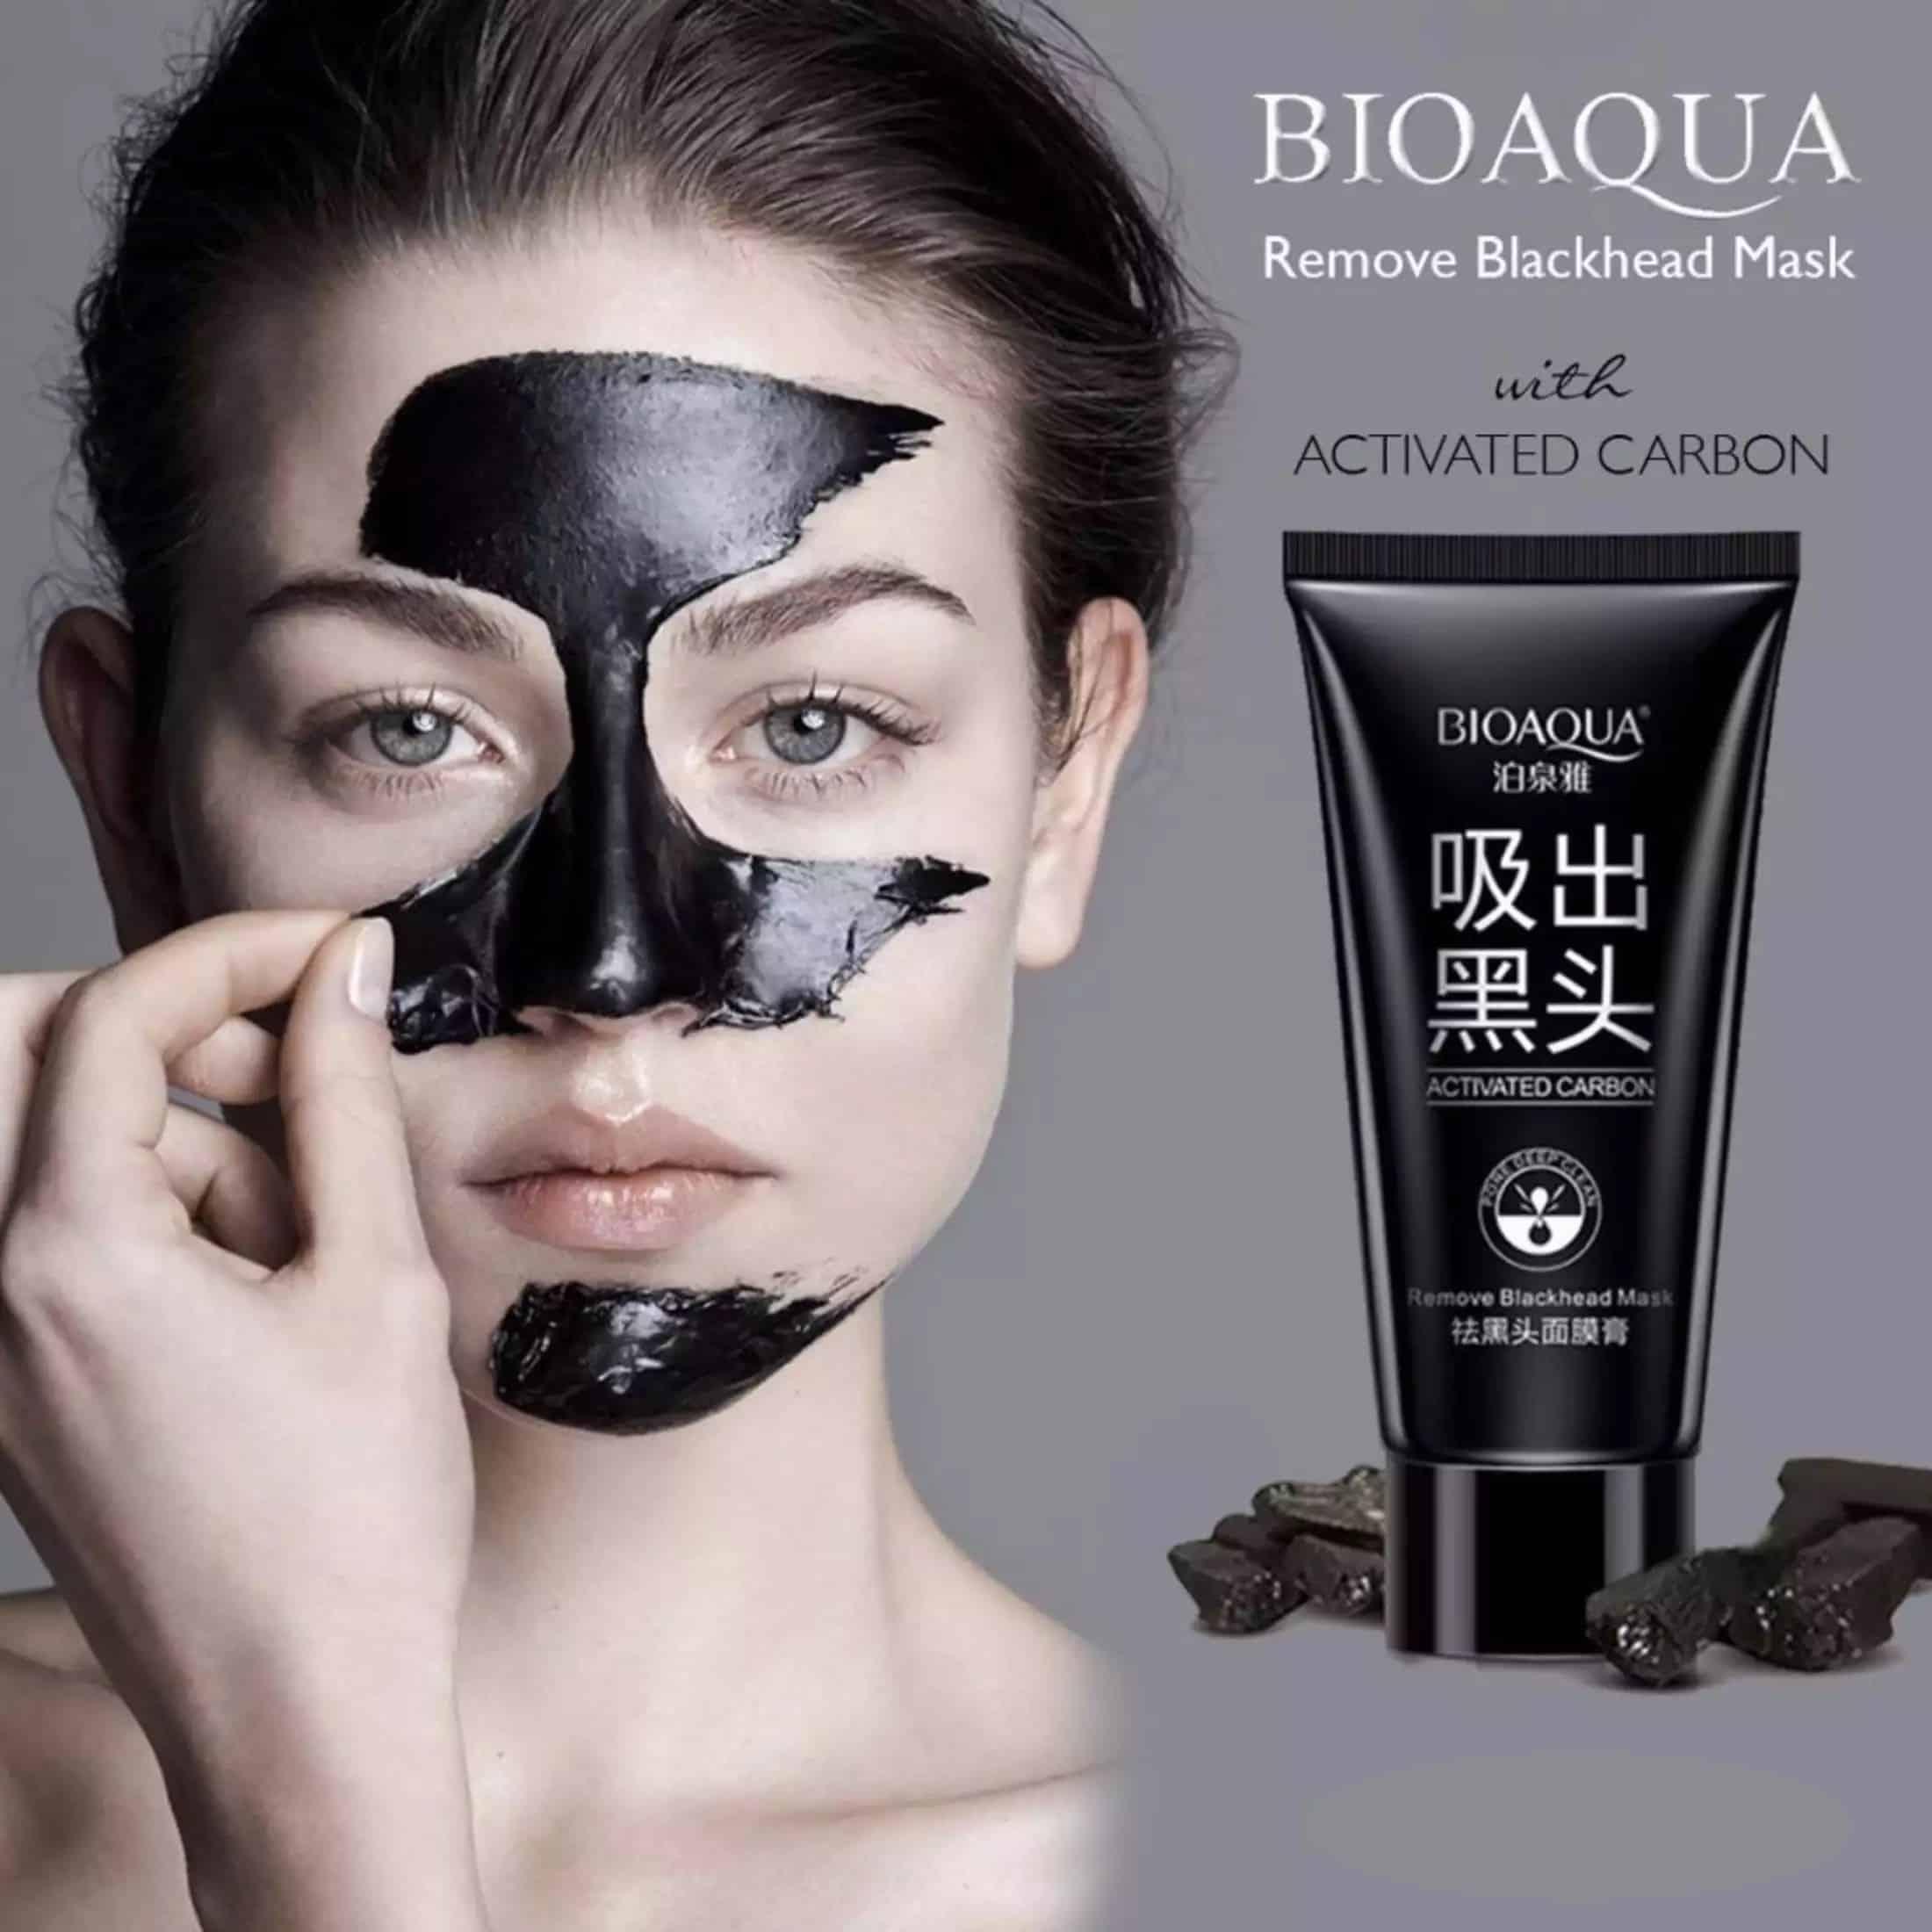 BioAqua-Activated-Carbon